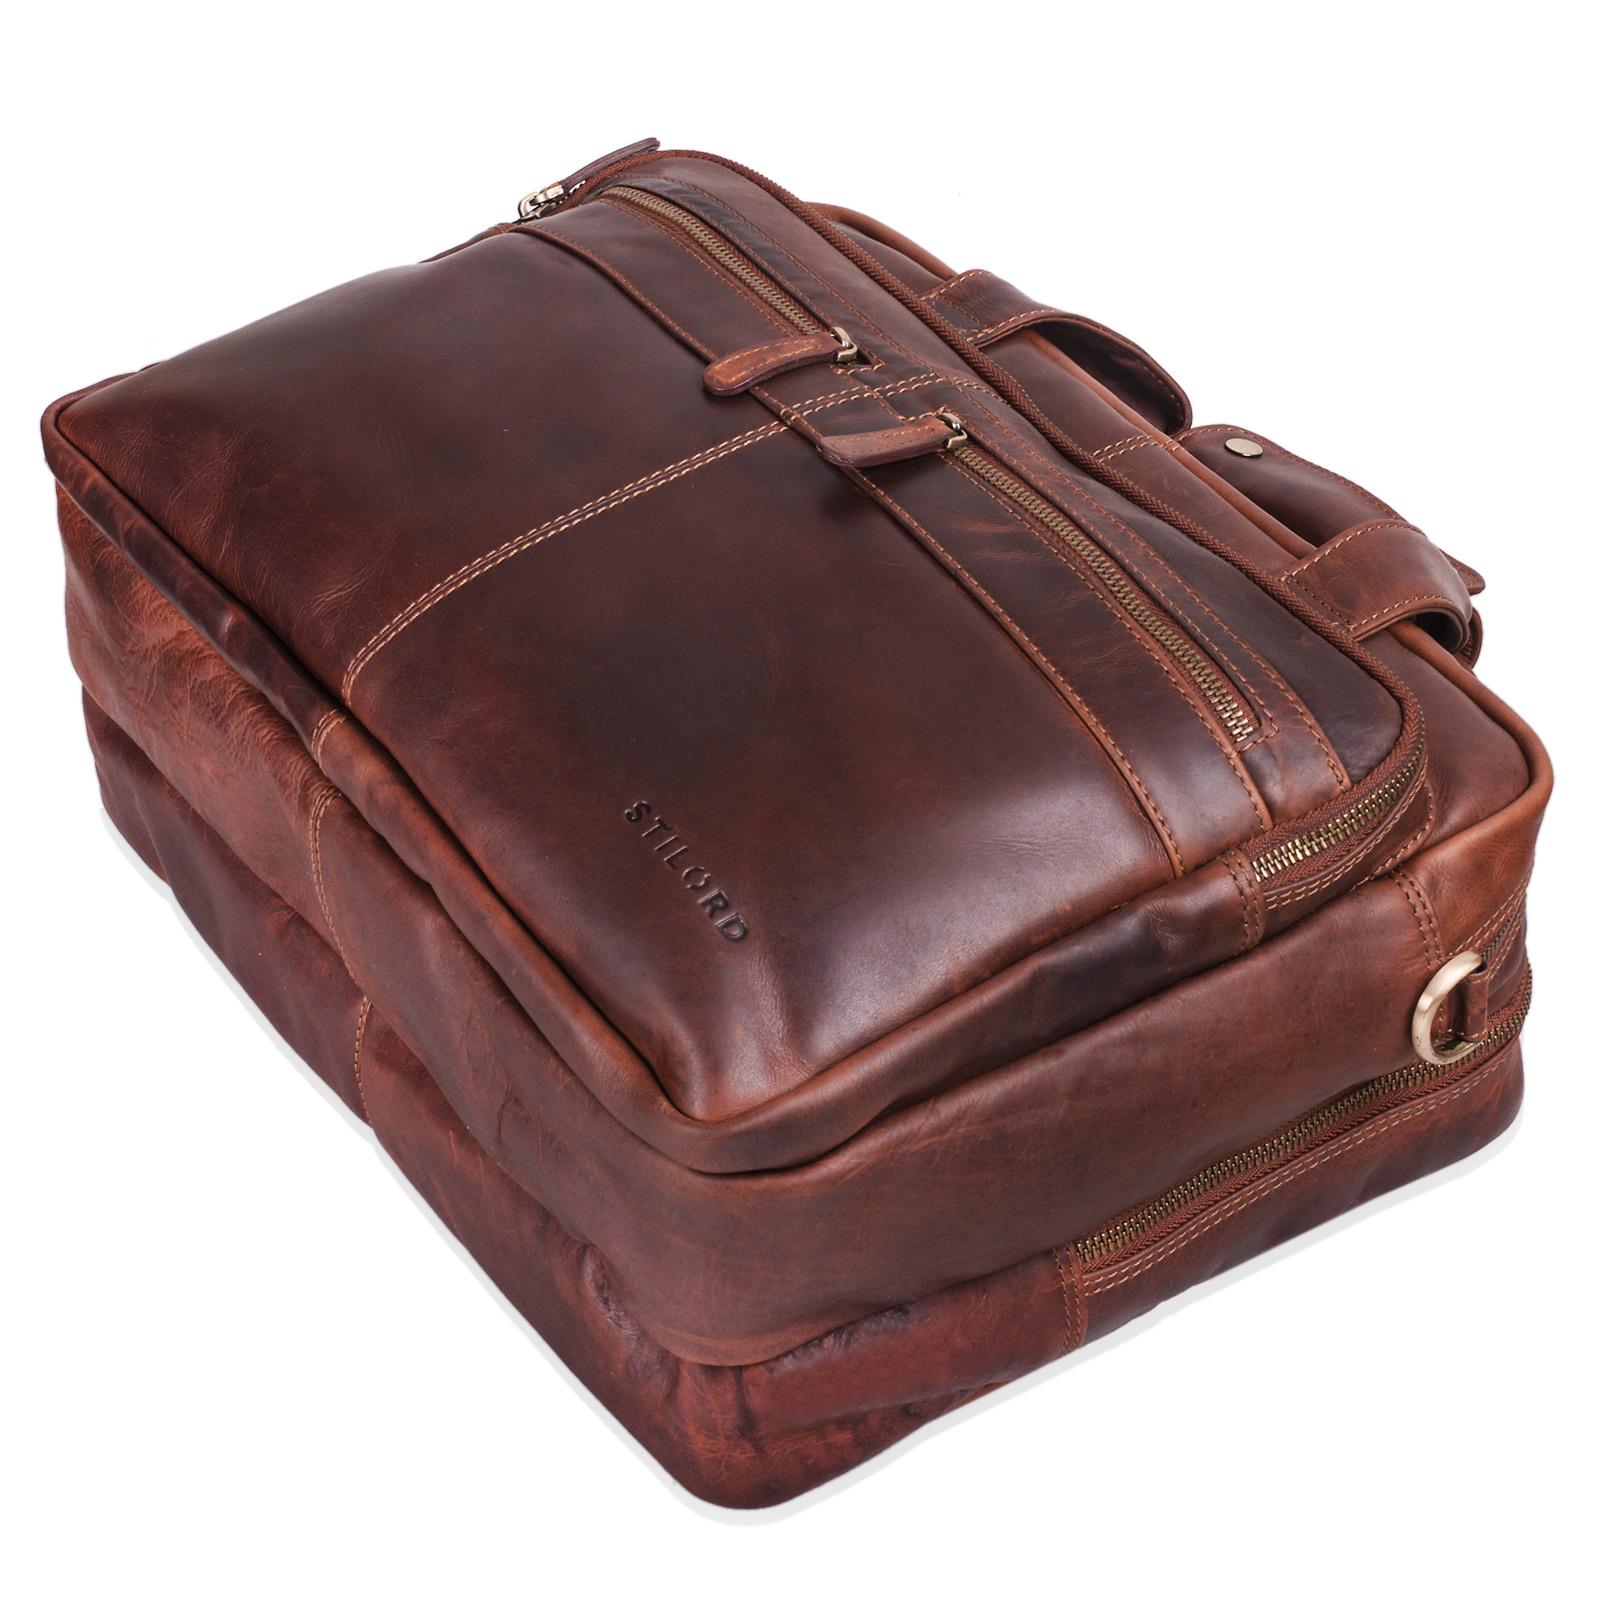 """STILORD """"Explorer"""" Lehrertasche Leder Herren Damen Aktentasche Büro Schulter- oder Umhängetasche für Laptop mit Dreifachtrenner Echt Leder Vintage - Bild 13"""